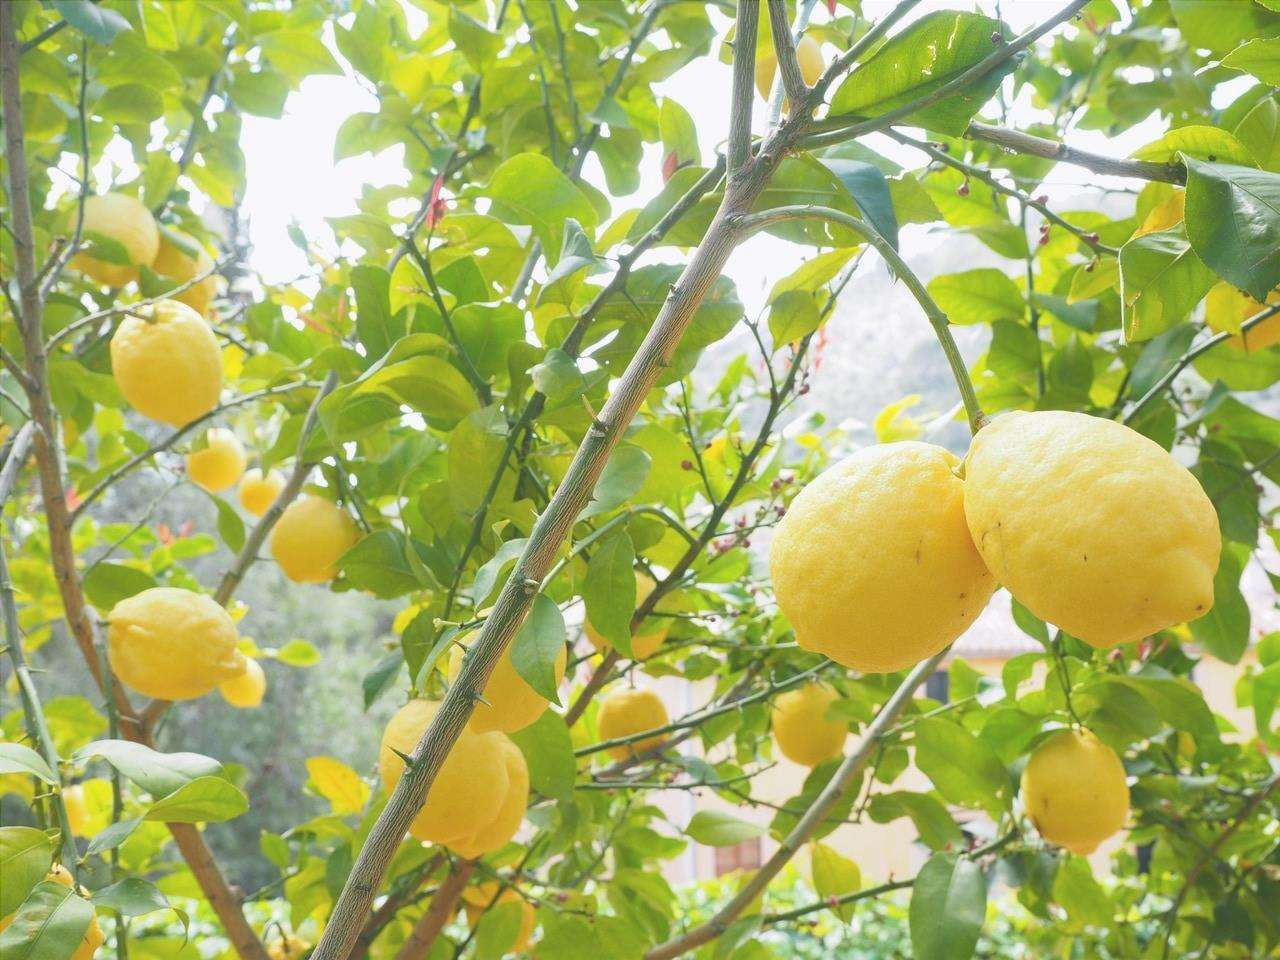 Il limone è un albero da frutto sempreverde.